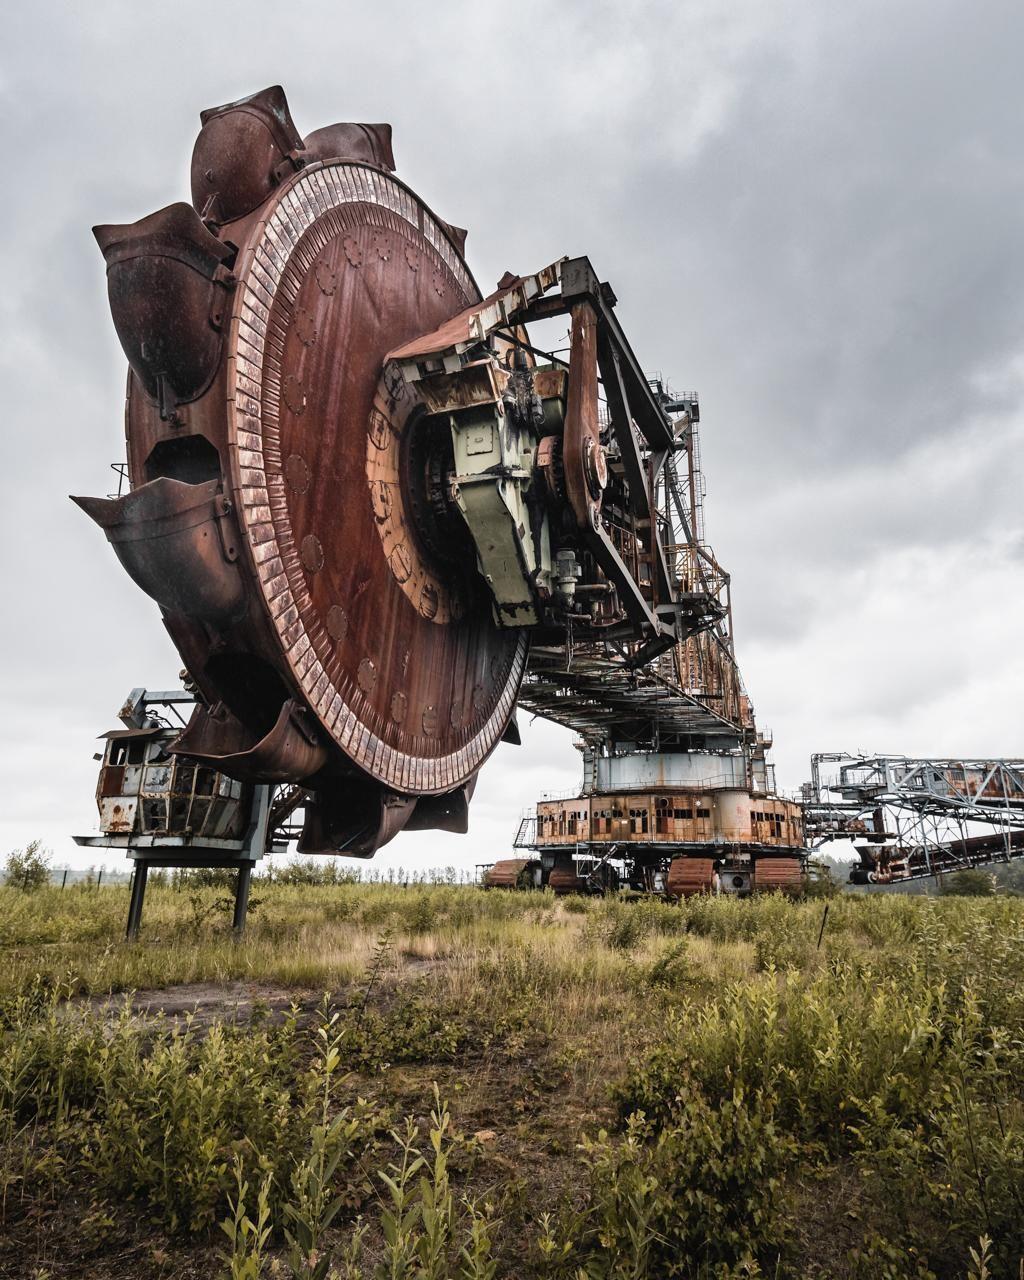 """Abandonedandurbex: """"Abandoned Bucket Wheel Excavator"""